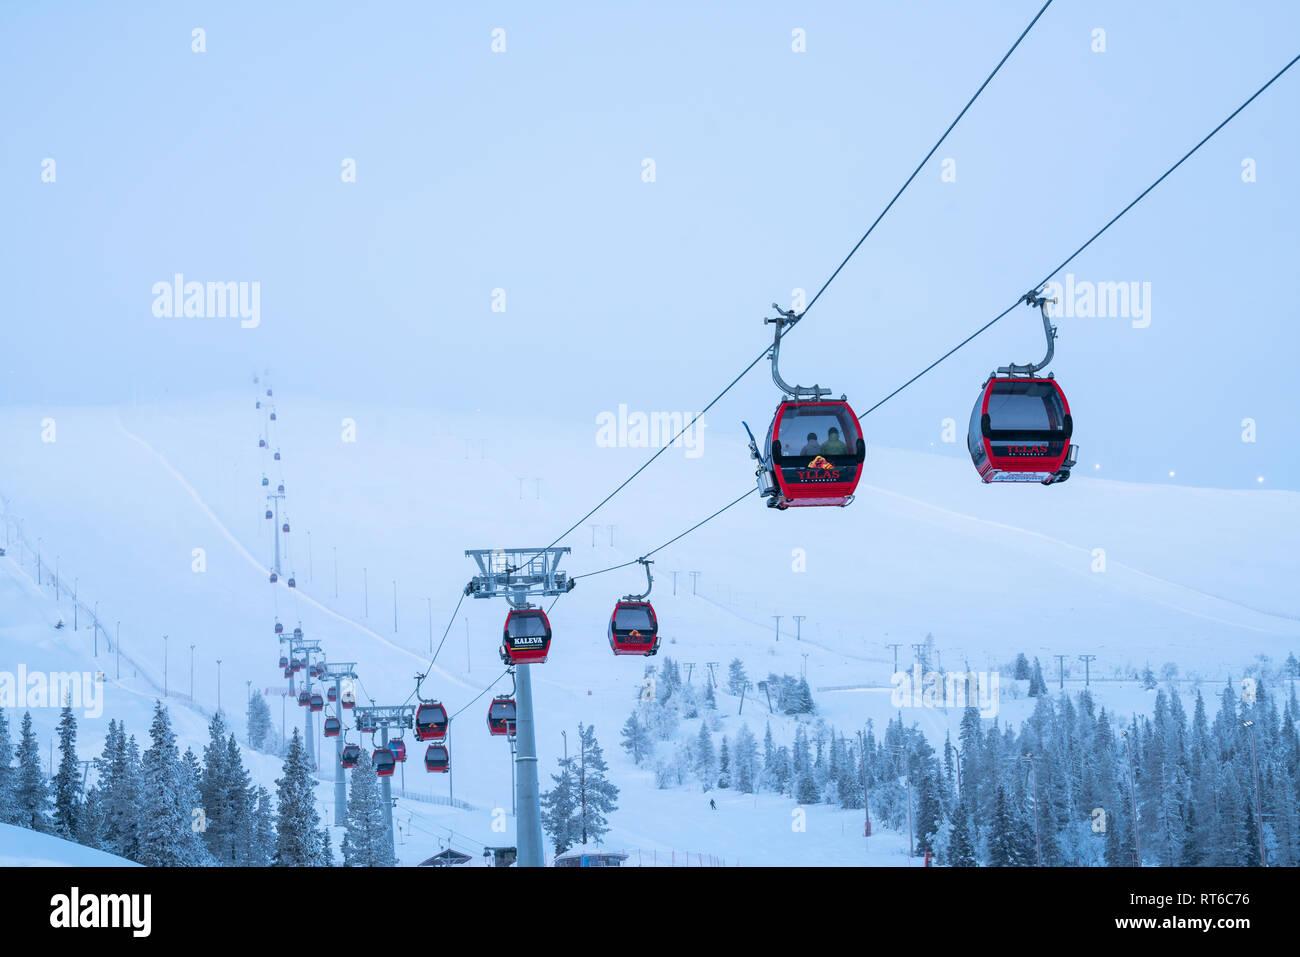 Ylläs ski resort and gondola lift with people in them in Kolari and Äkäslompolo, Finland Stock Photo